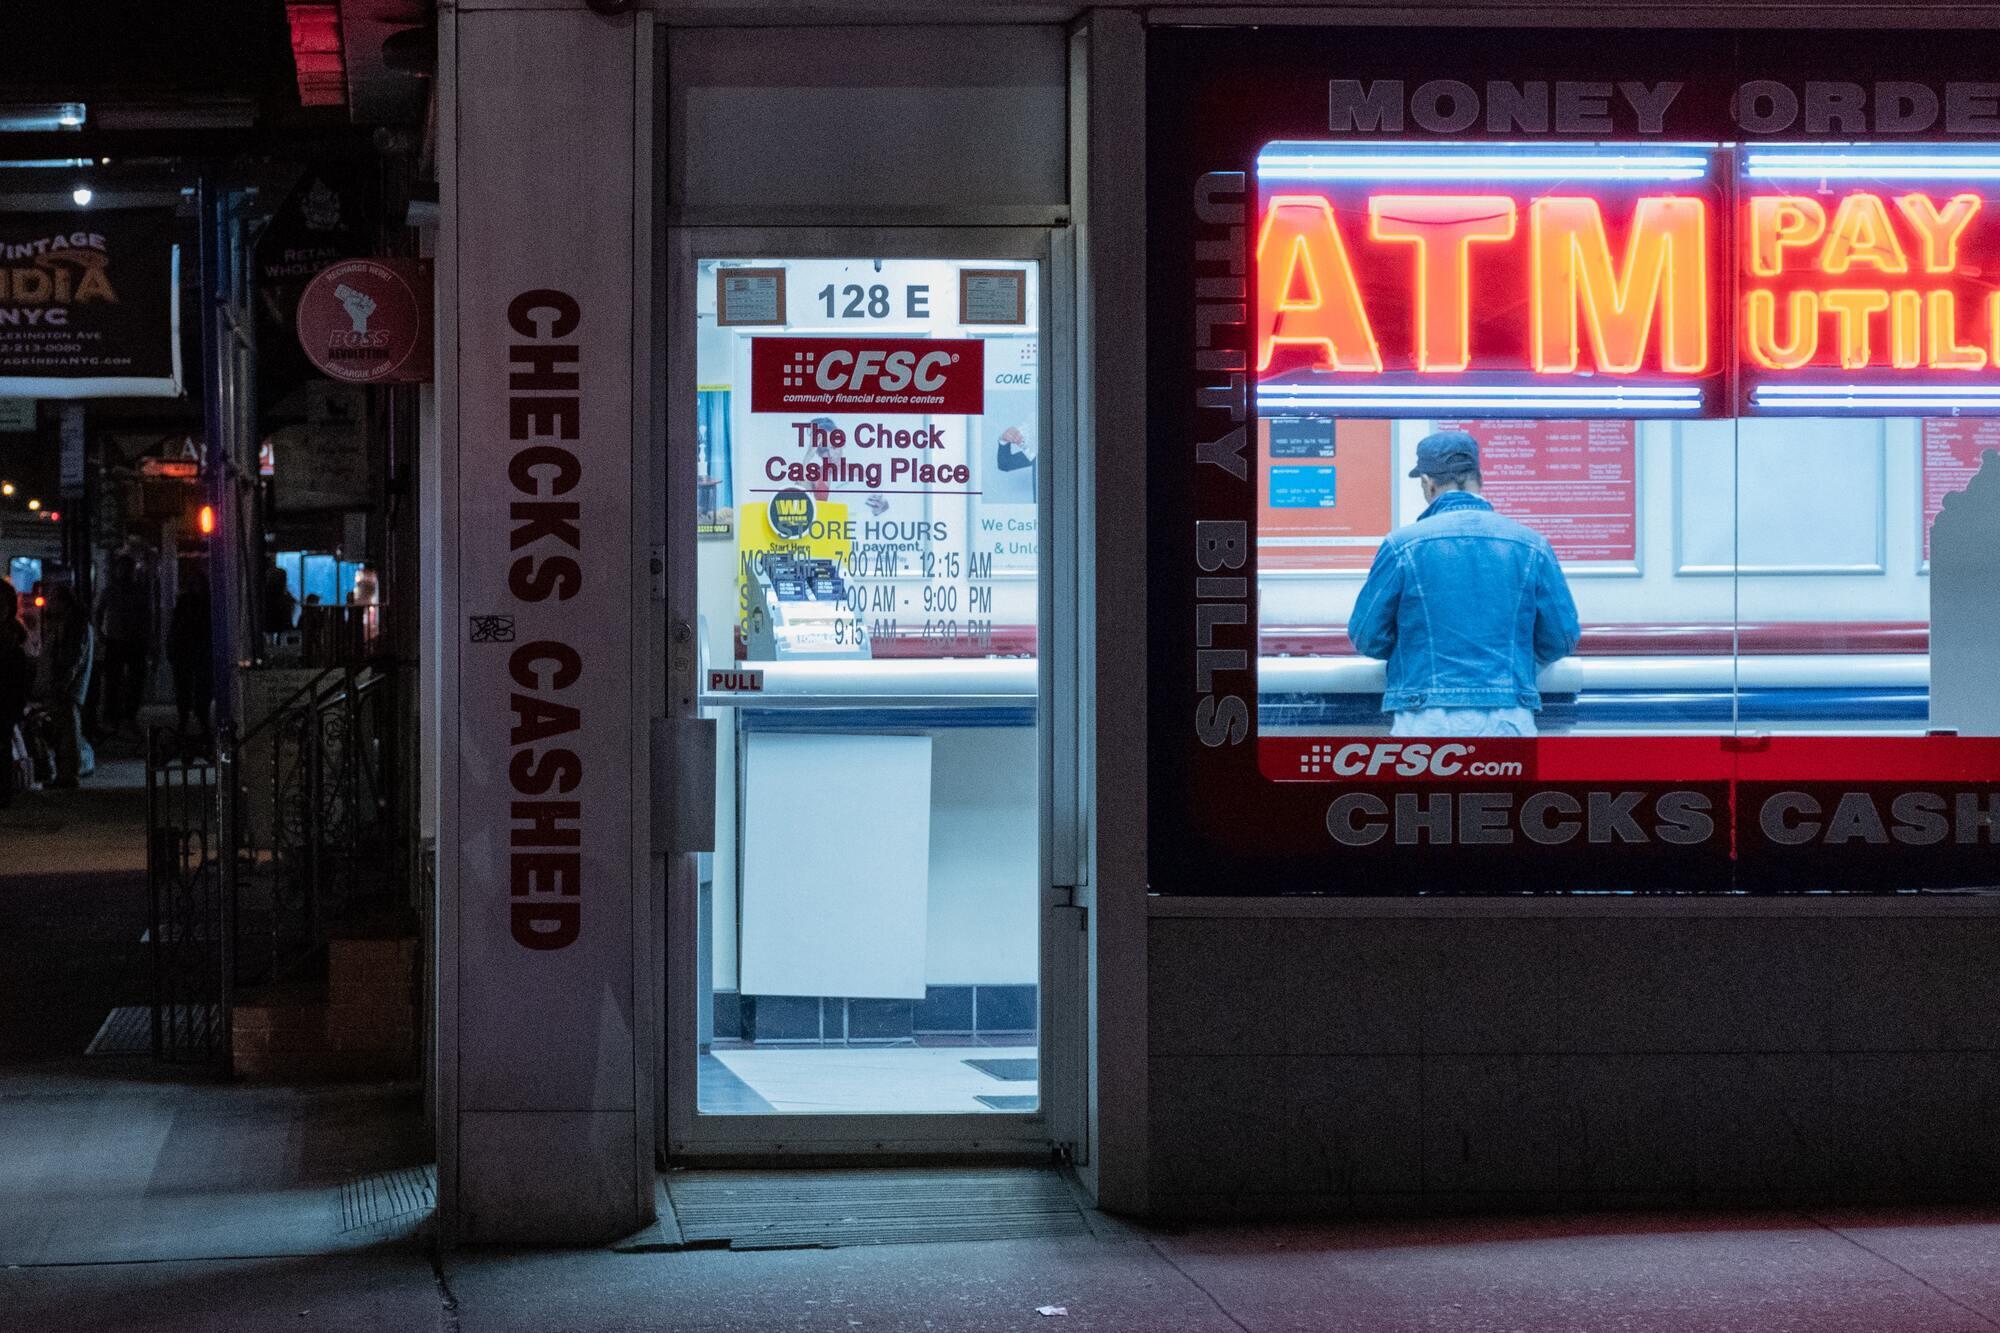 В путешествии нужно пользоваться банкоматами только в отделениях банка